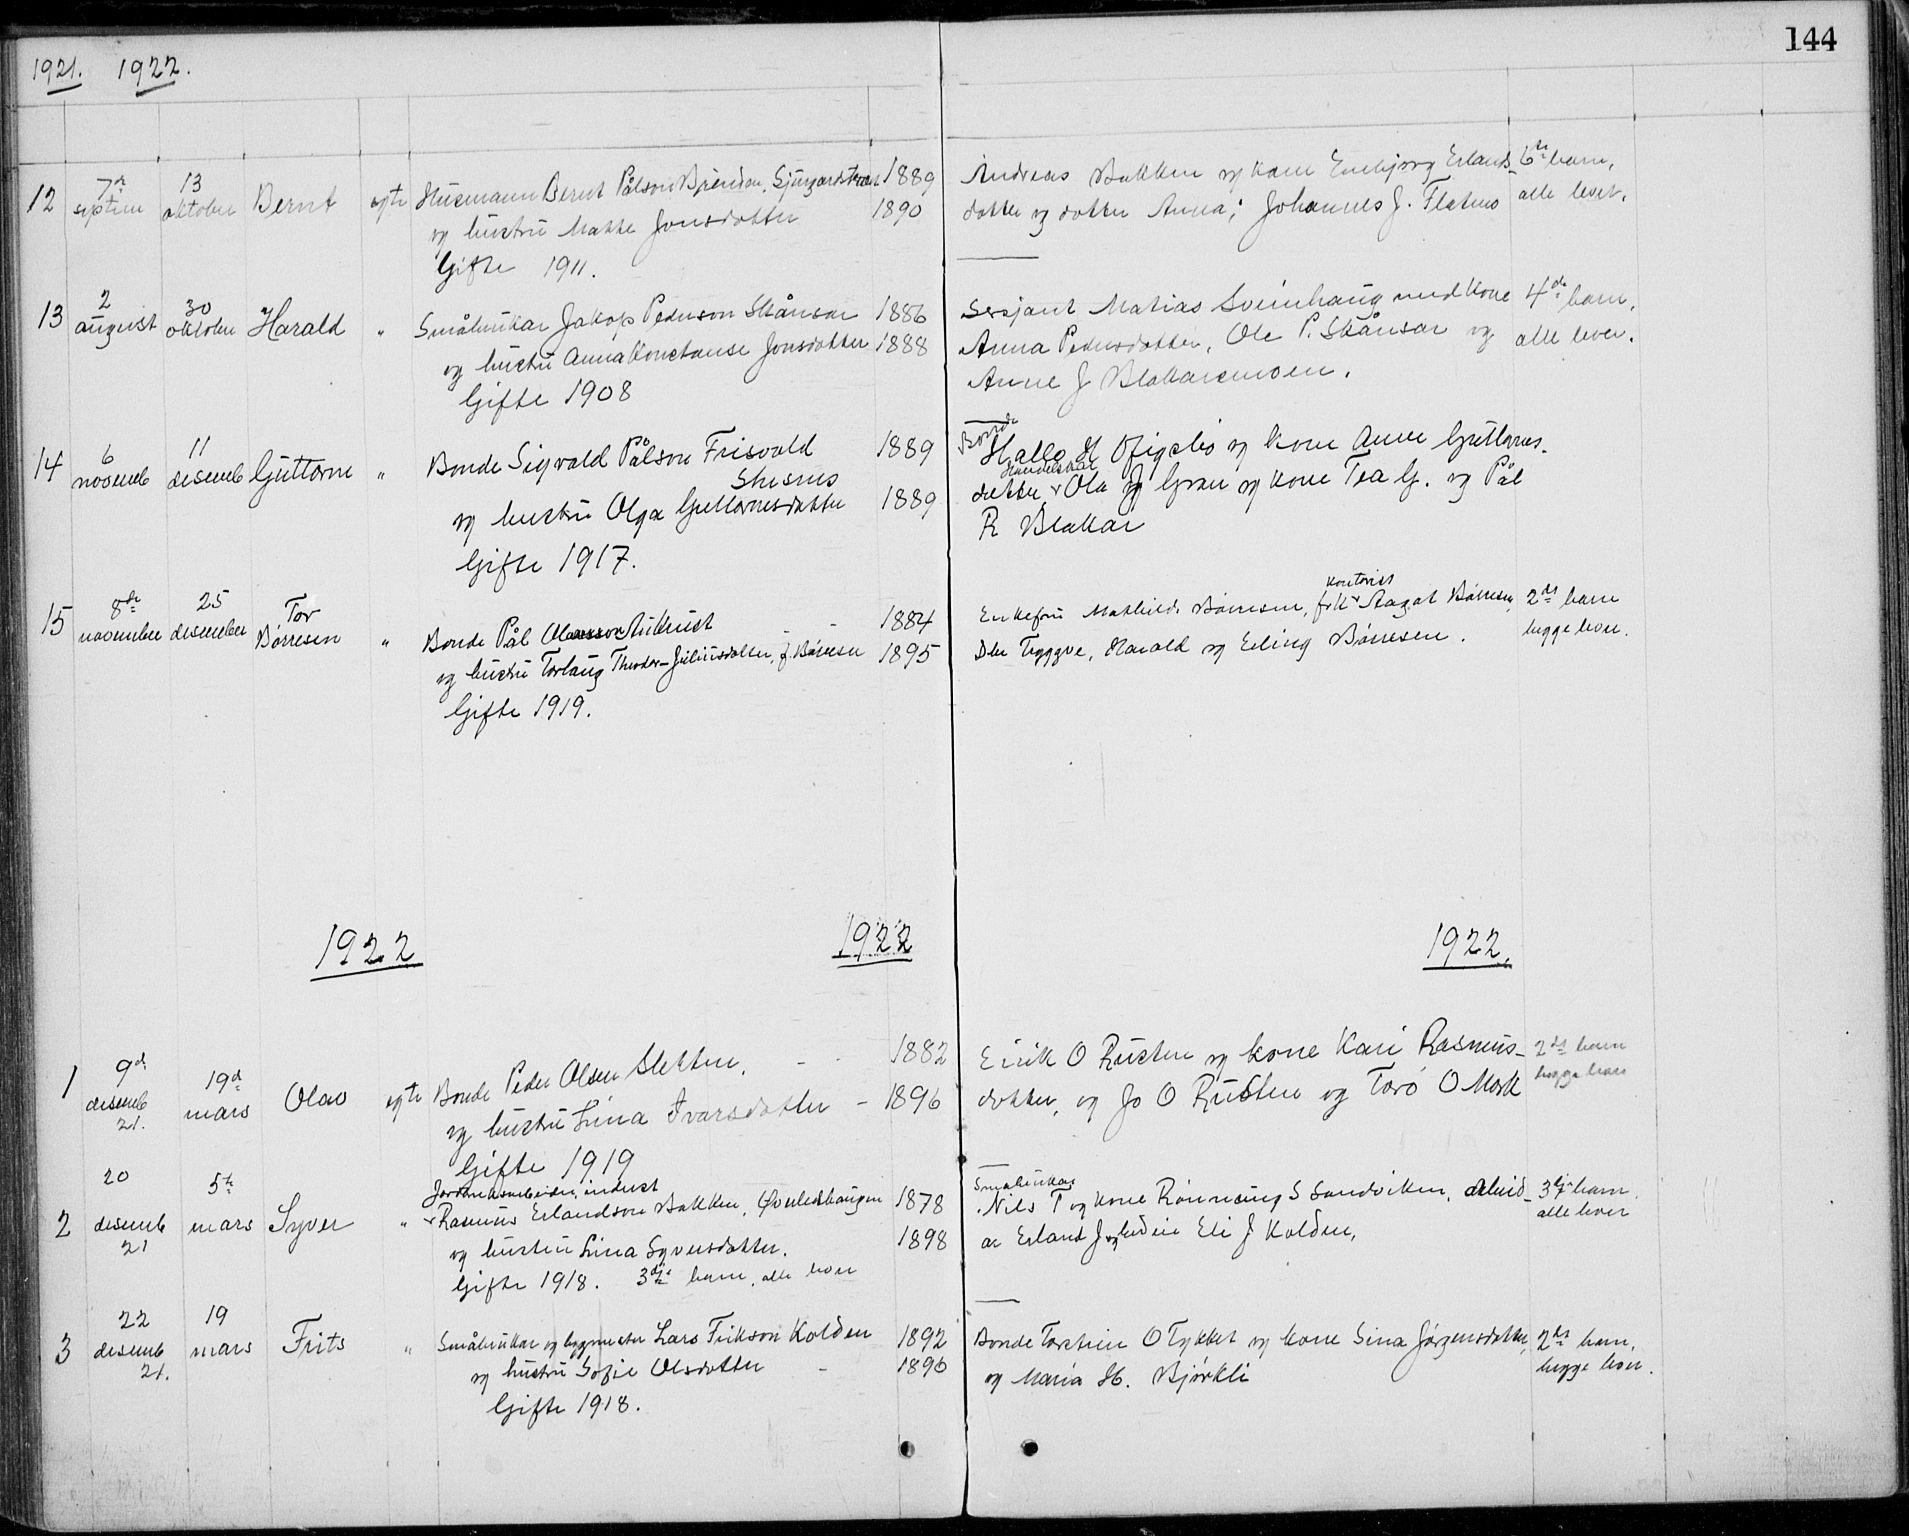 SAH, Lom prestekontor, L/L0013: Klokkerbok nr. 13, 1874-1938, s. 144